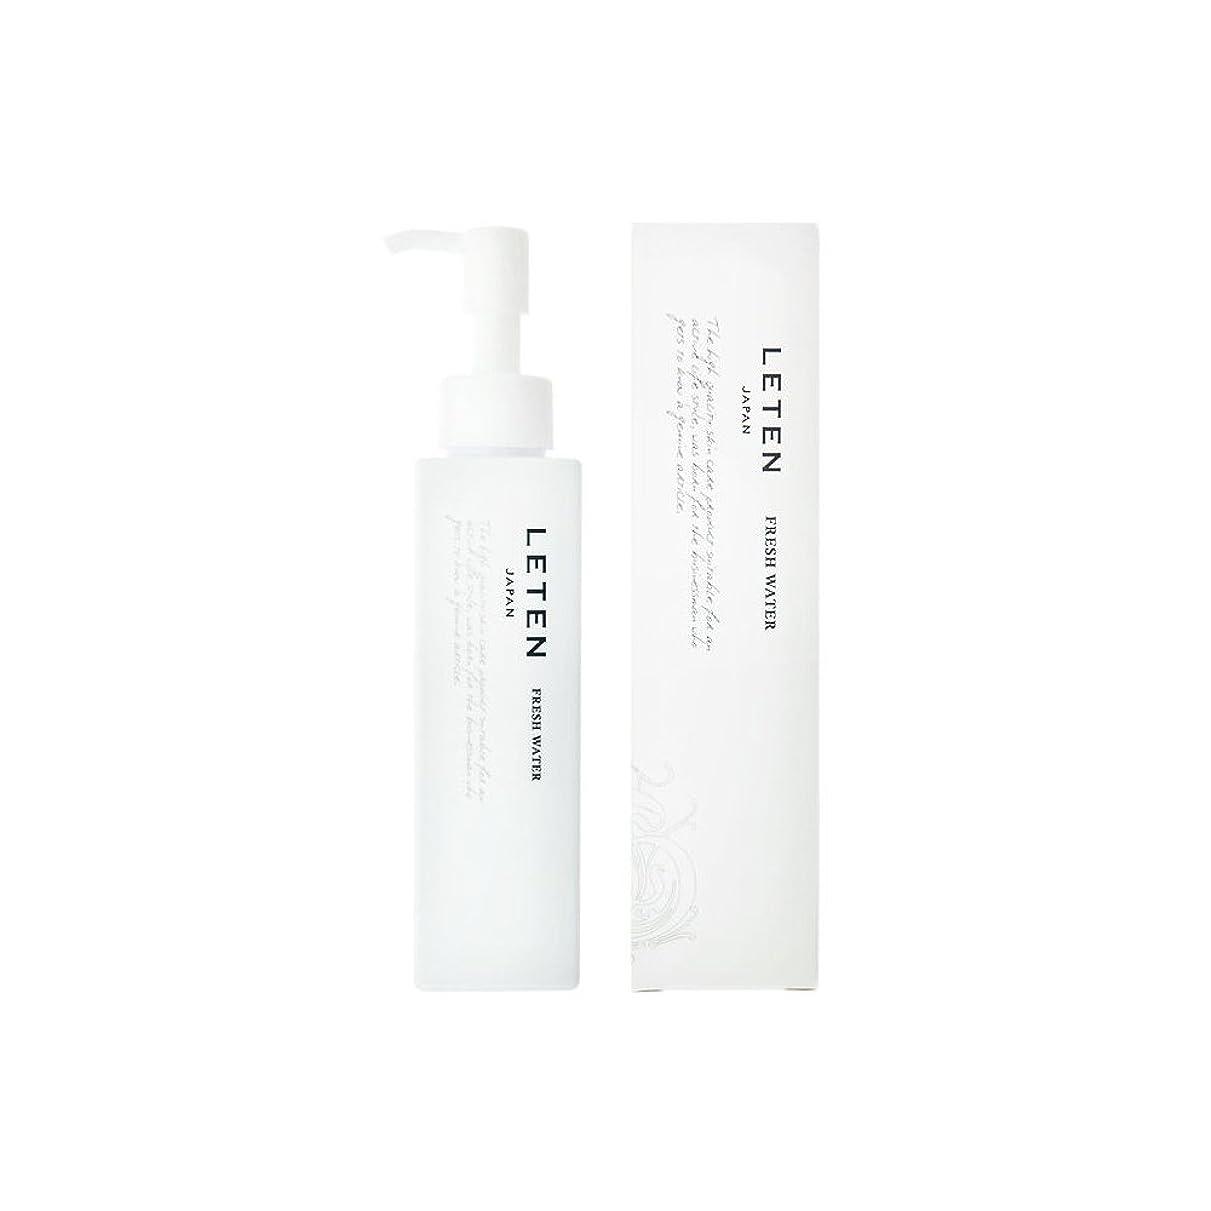 悪名高い日の出クールレテン (LETEN) フレッシュウォーター 150ml 化粧水 敏感肌